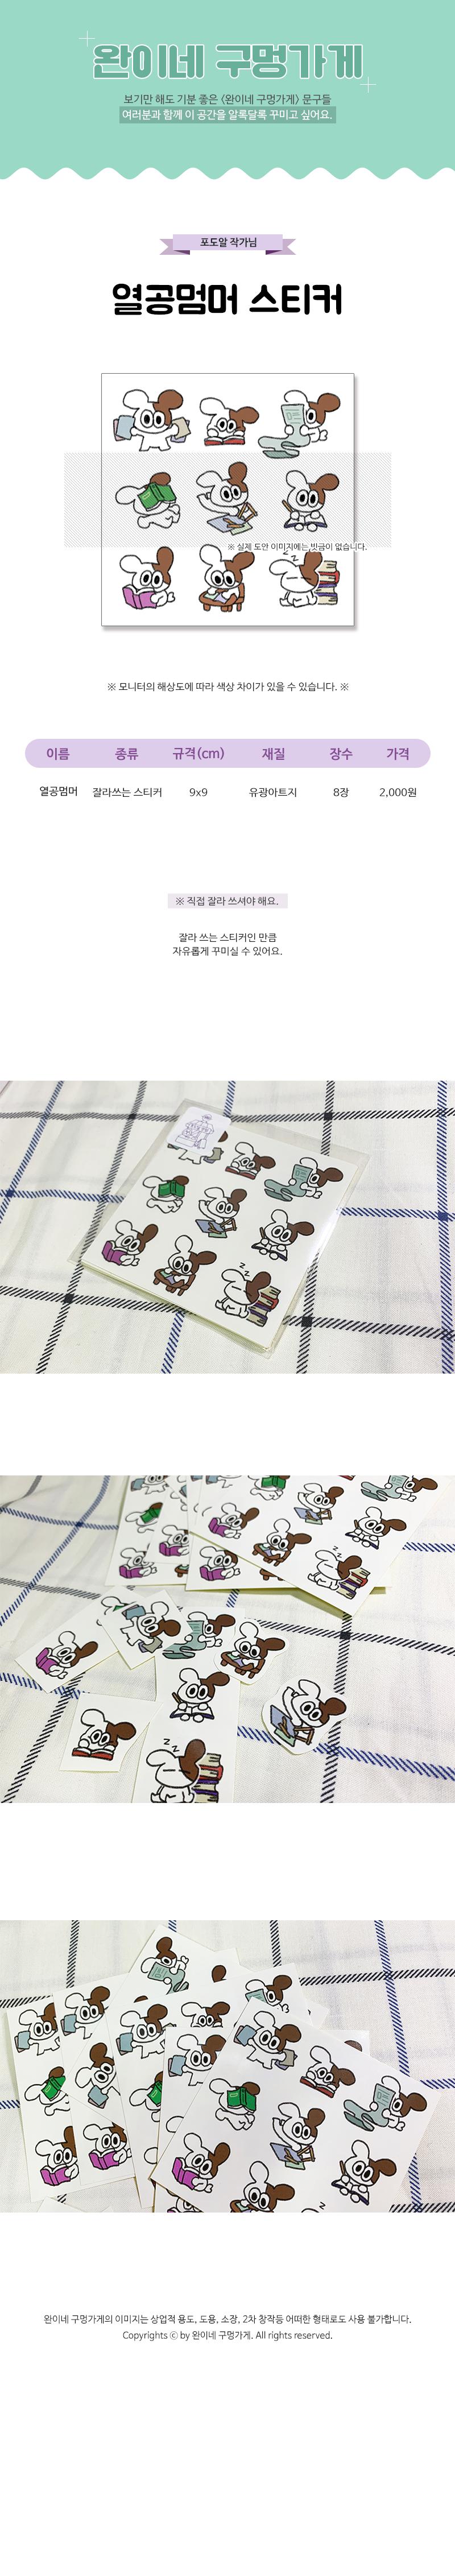 sticker601